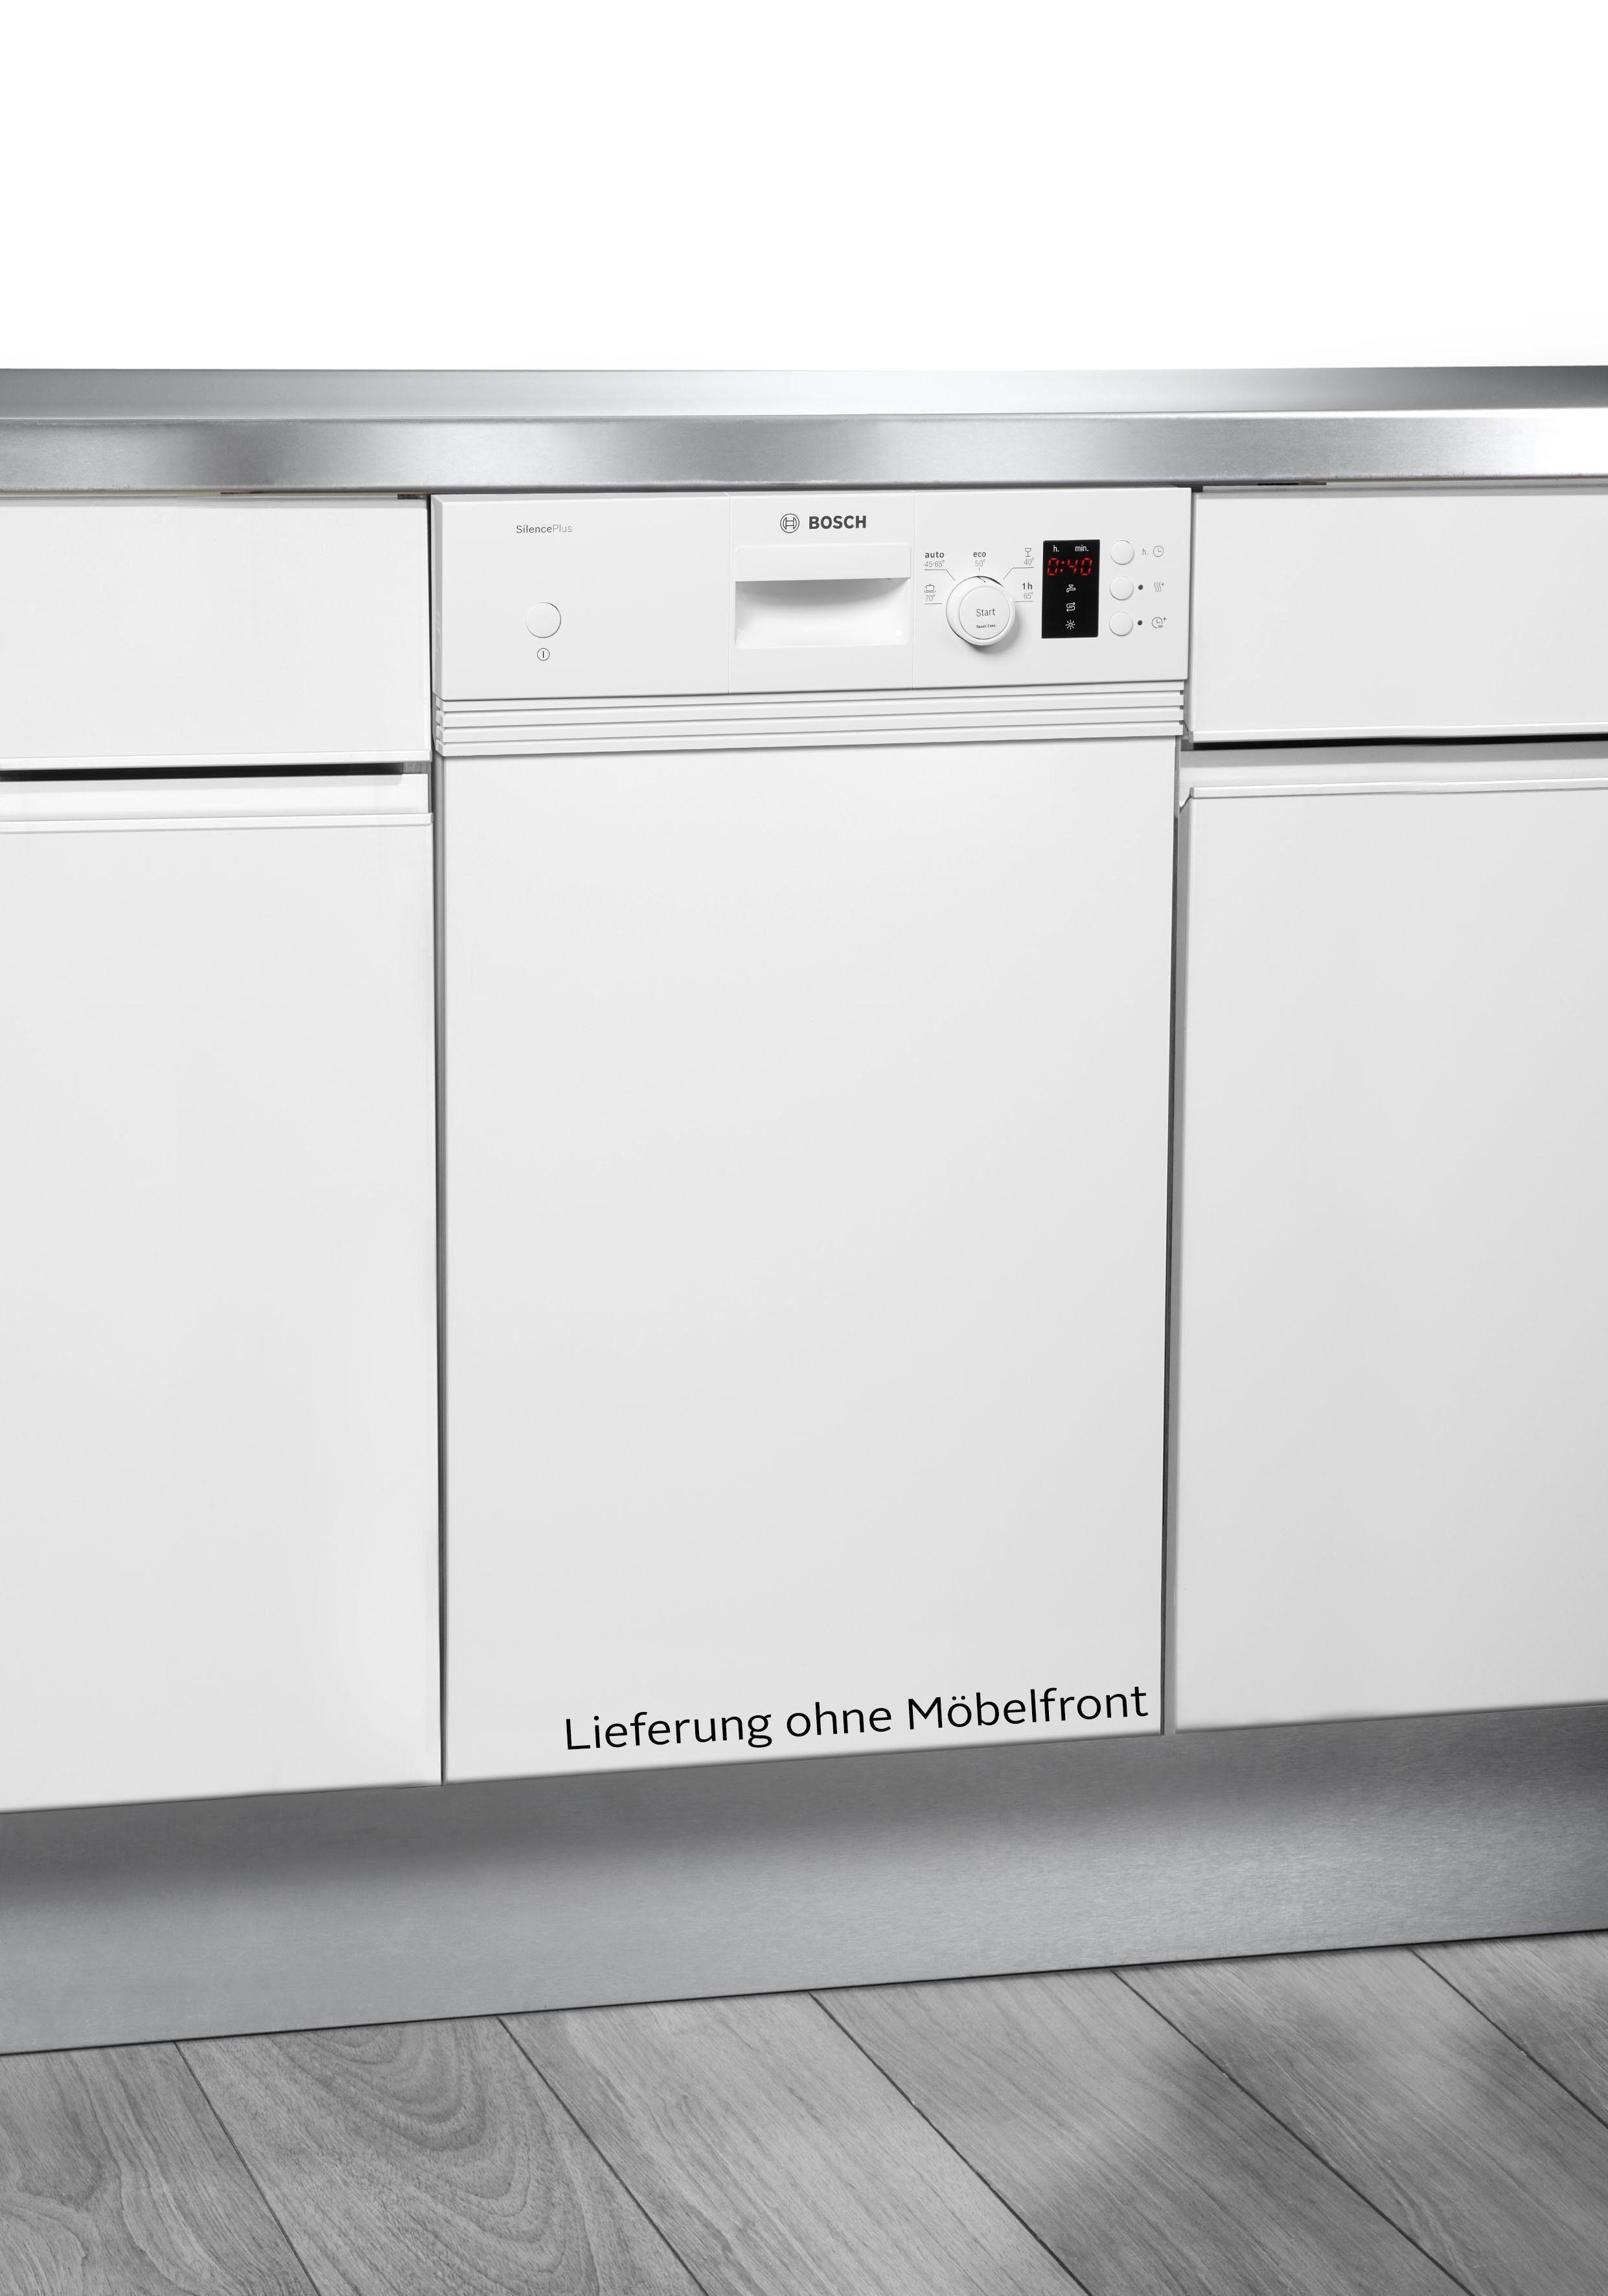 BOSCH teilintegrierbarer Geschirrspüler, SPI25CW03E, 8,5 l, 9 Maßgedecke, 45 cm breit